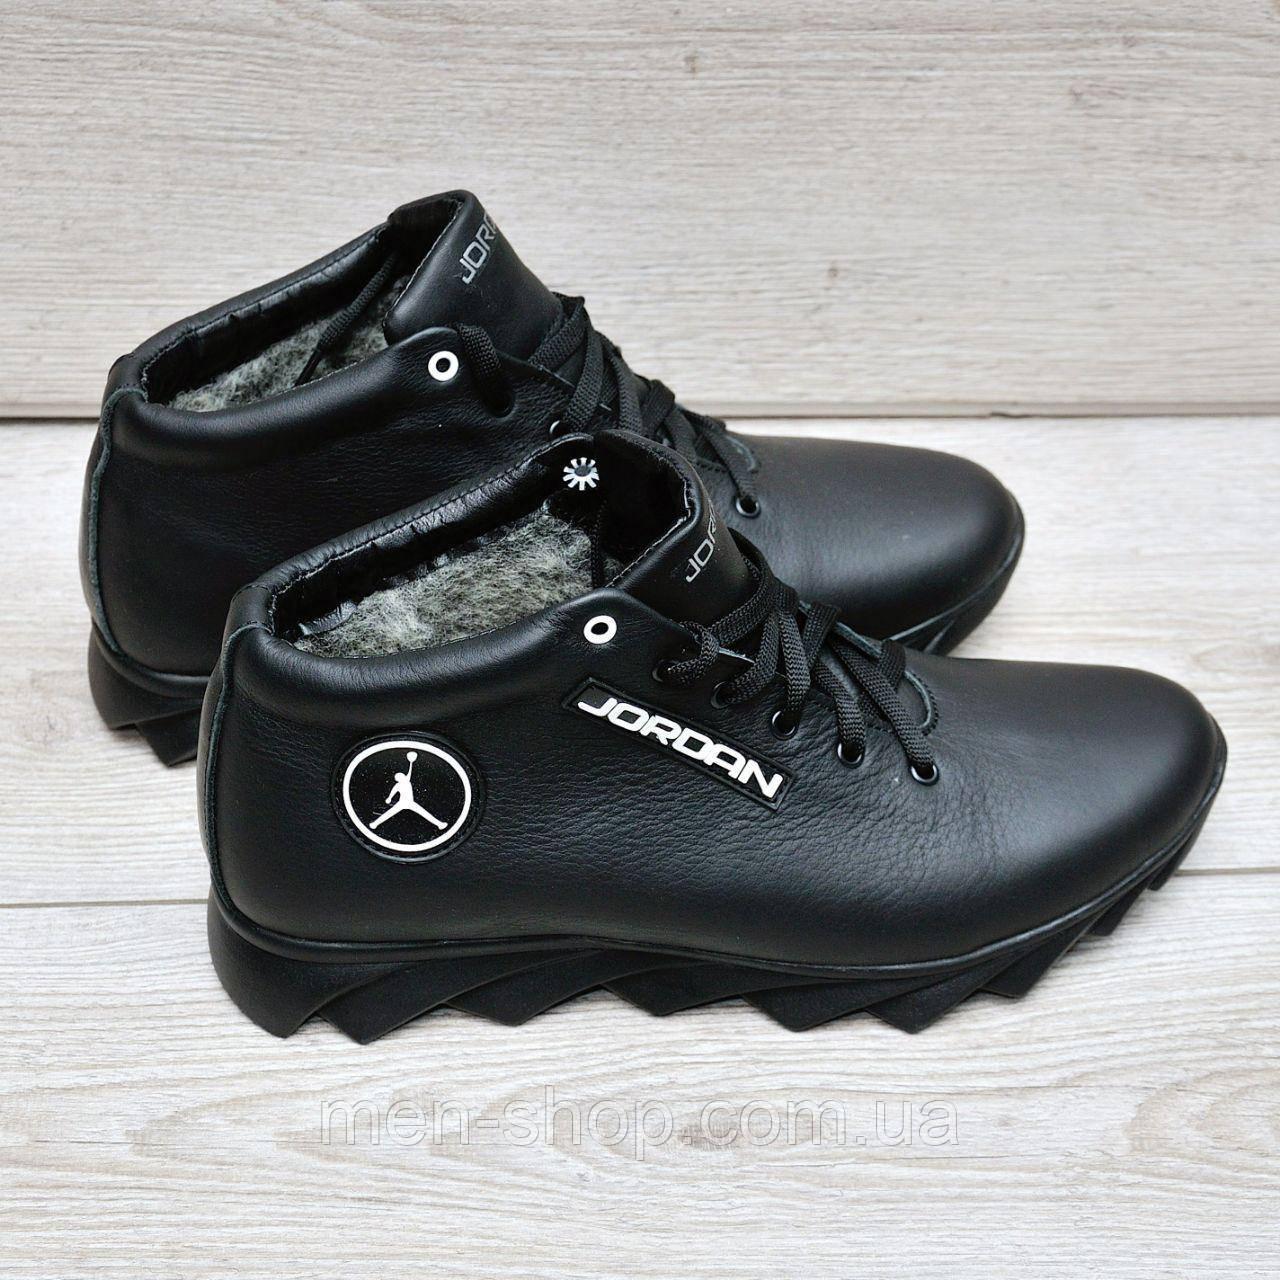 Мужские ботинки с мехом в стиле Jordan